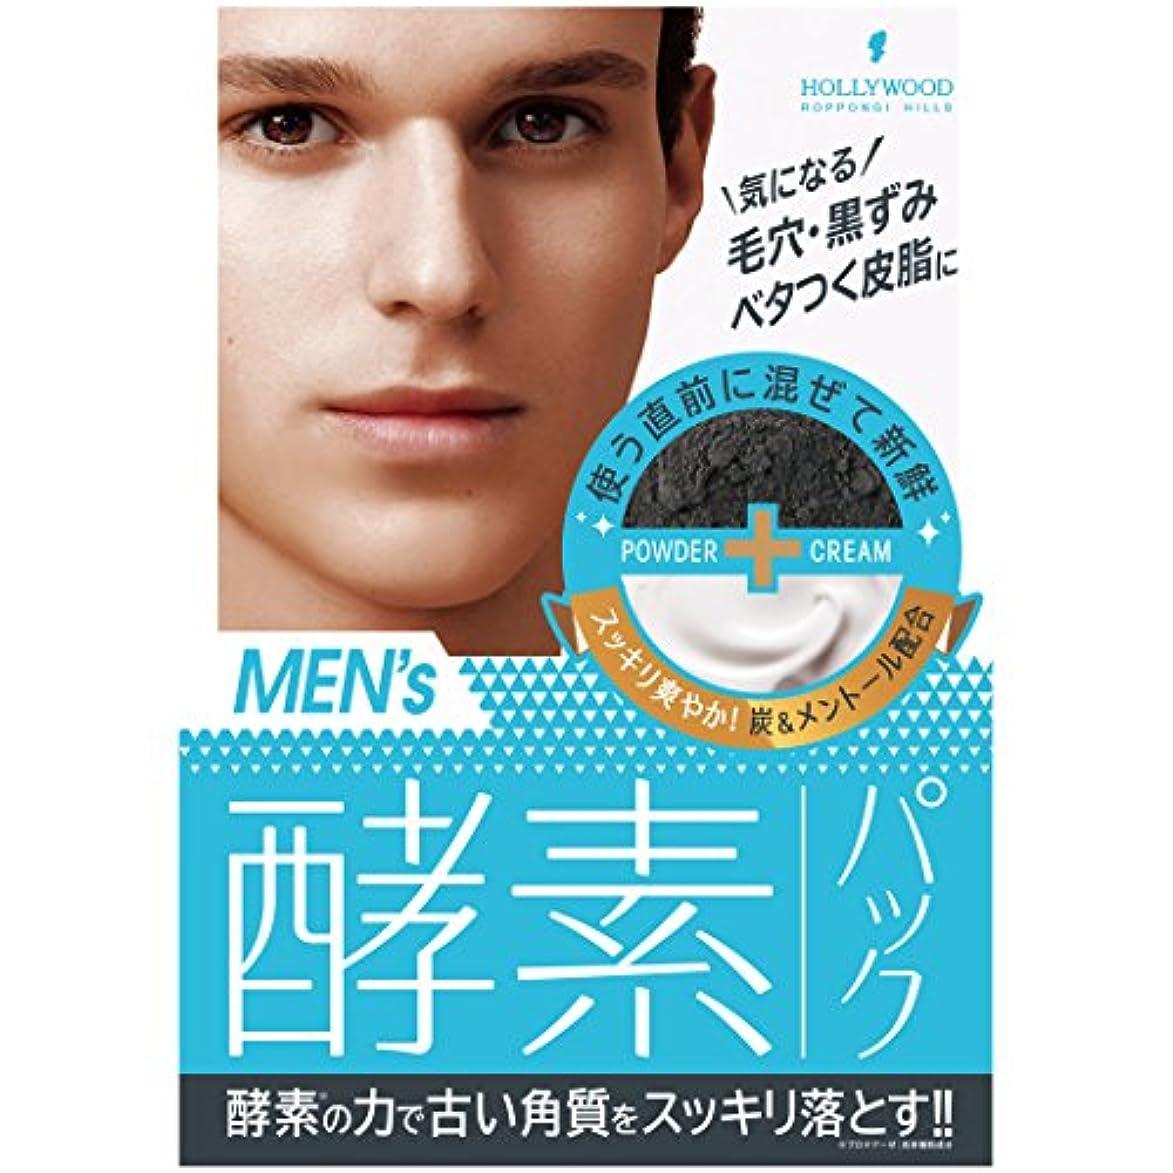 手配するに対処するアスリートオーキッド ピックアップマスク メンズ (1回分)